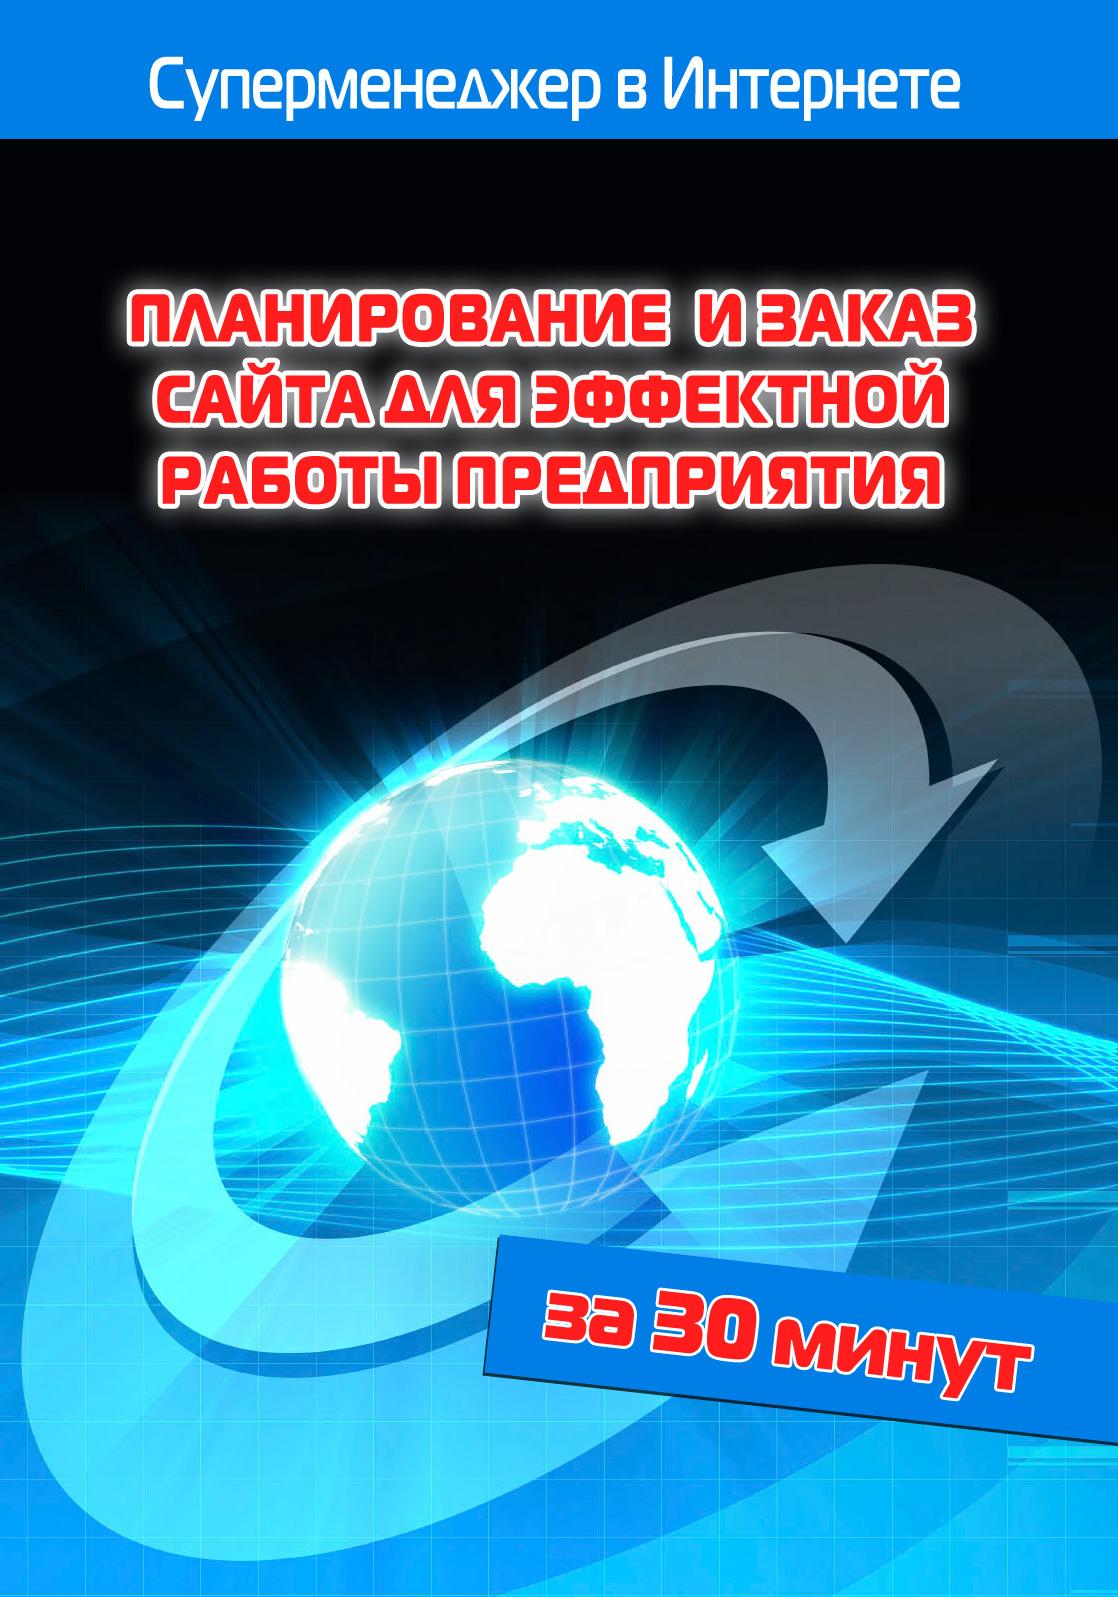 Илья Мельников Планирование и заказ сайта для эффектной работы предприятия